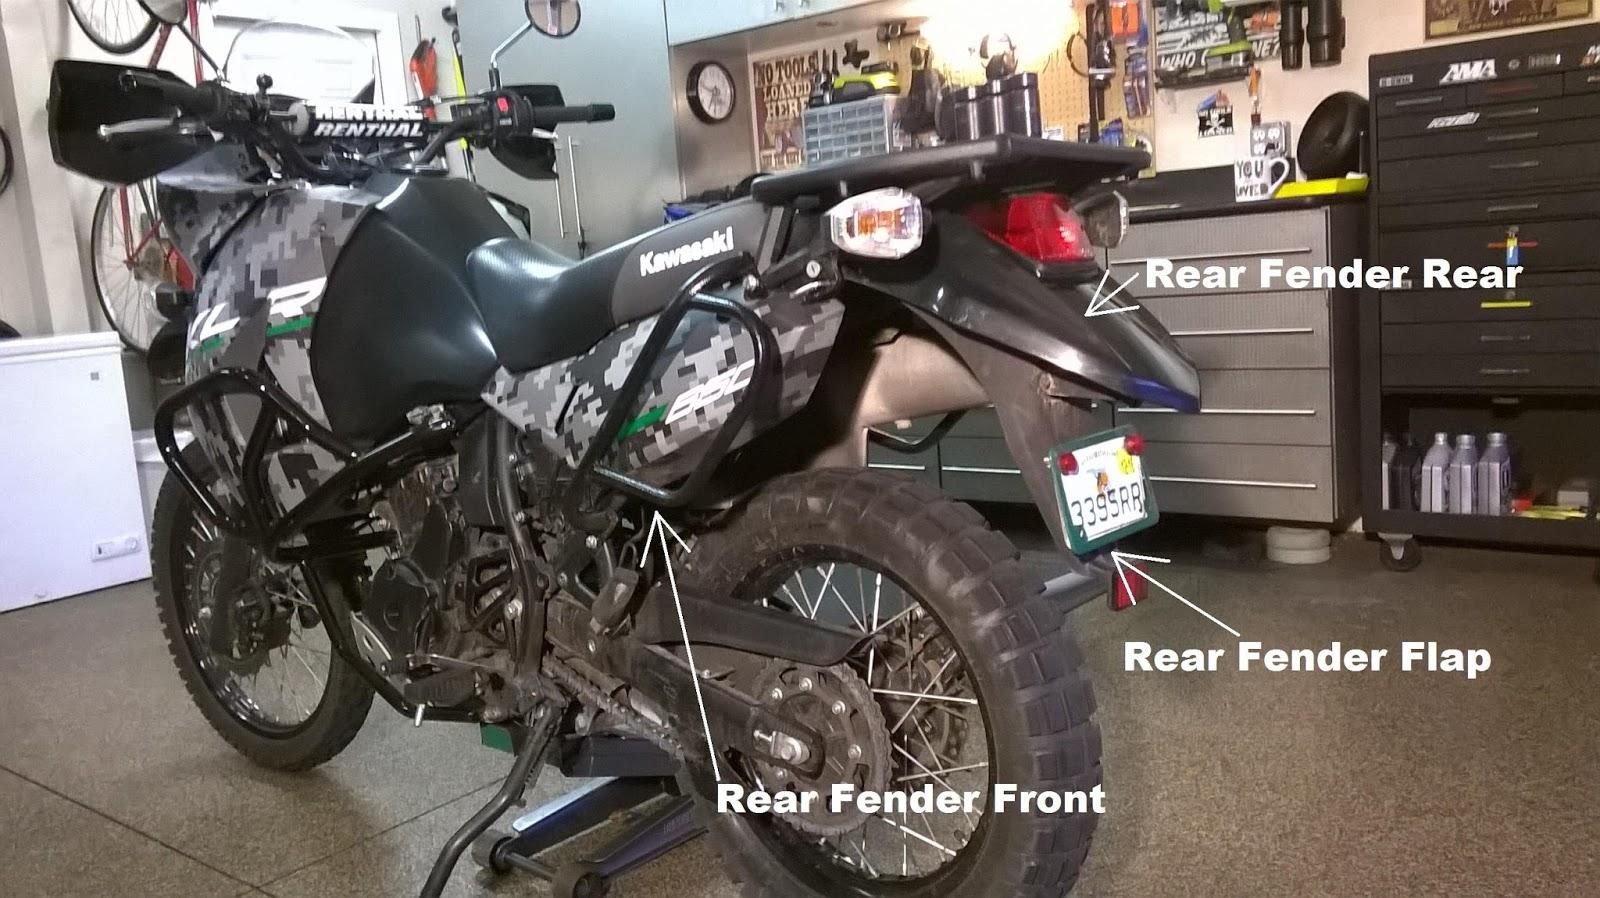 Kawasaki Rear Fender Removal